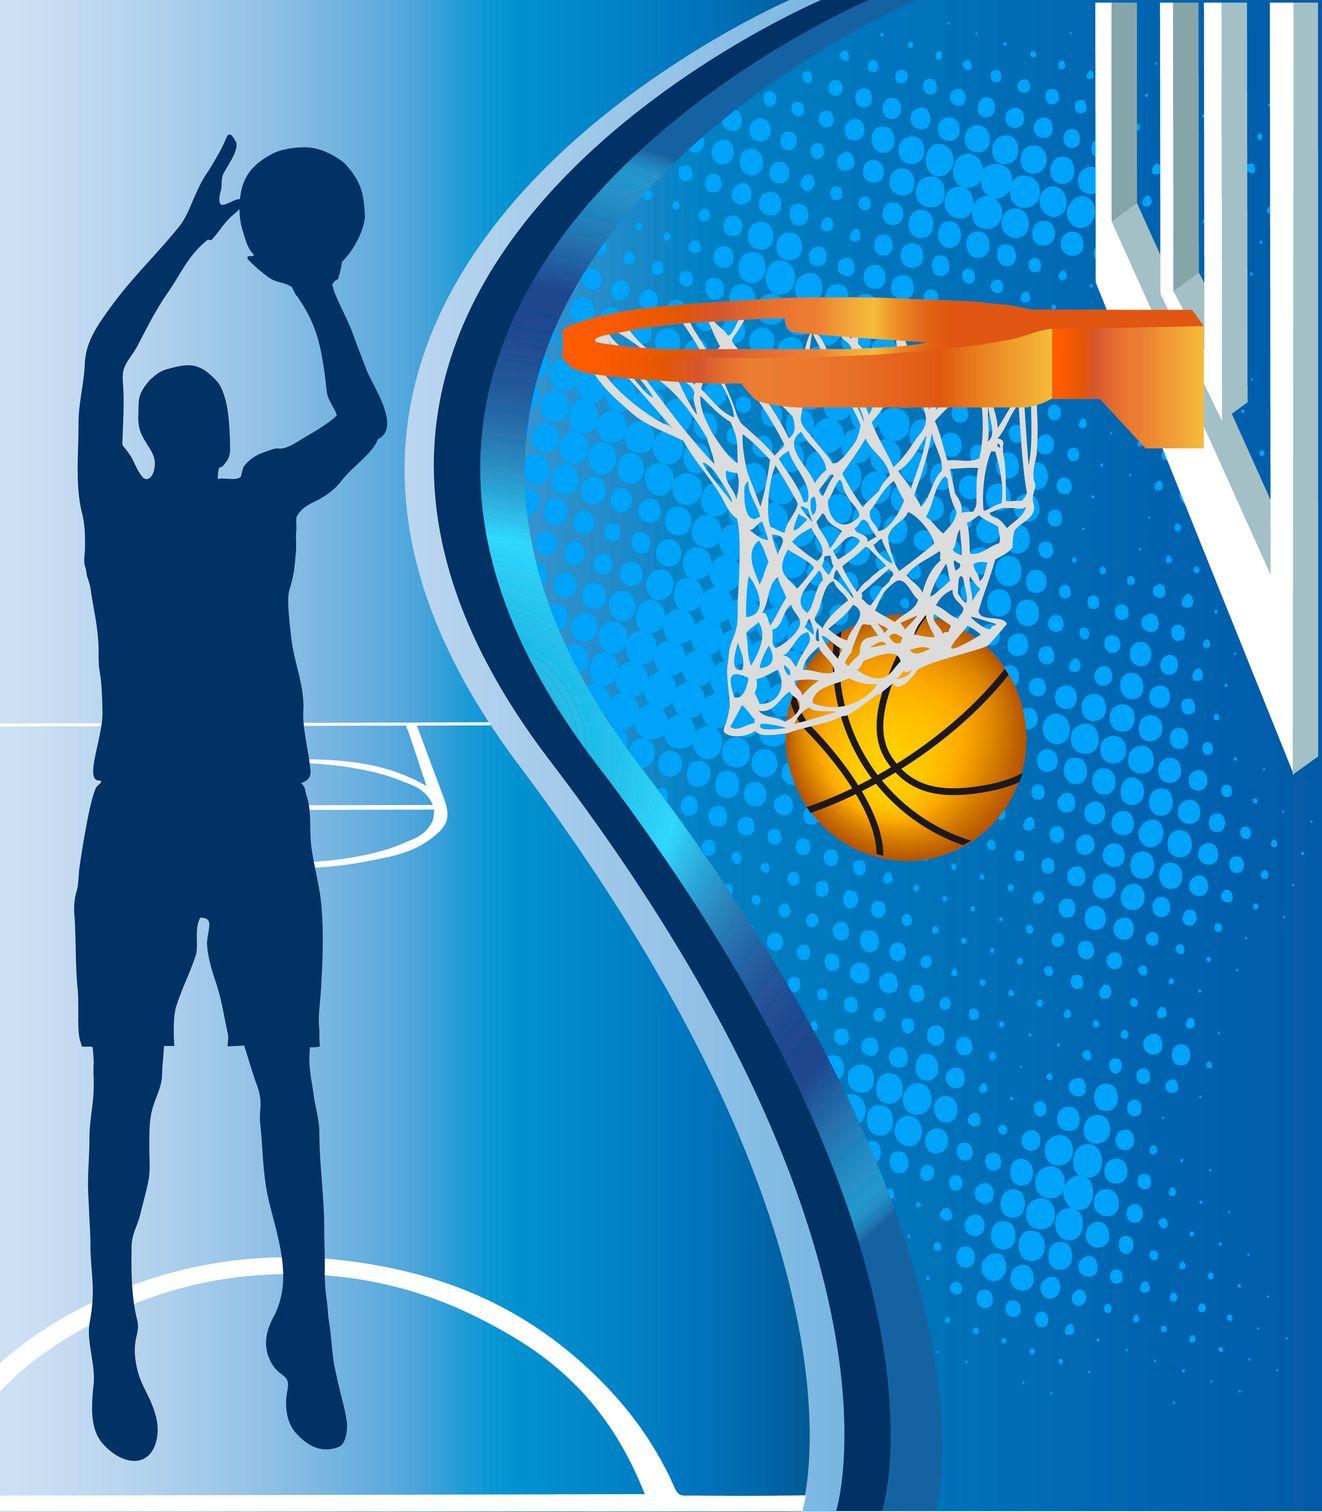 Basketball Hoop And Basketball Silhouette On Blue Background Basketball Silhouette Basketball Hoop Basketball Theme